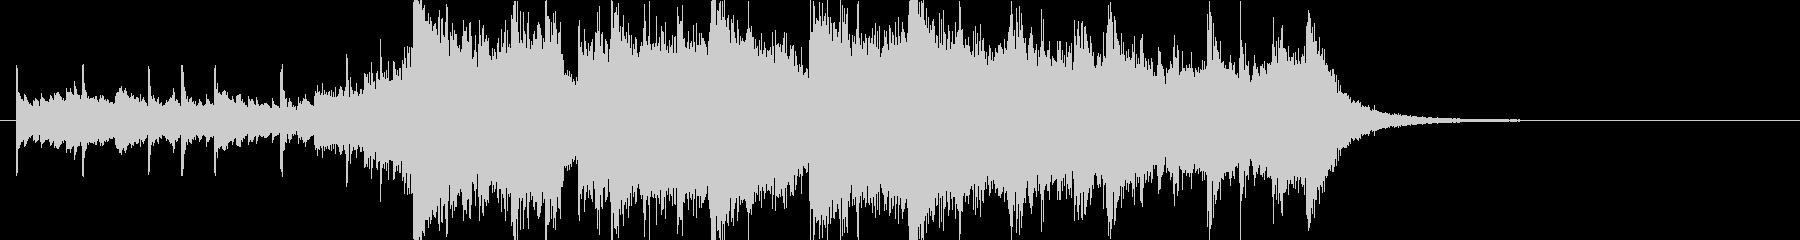 幻想的で壮大なオーケストラOPジングルaの未再生の波形